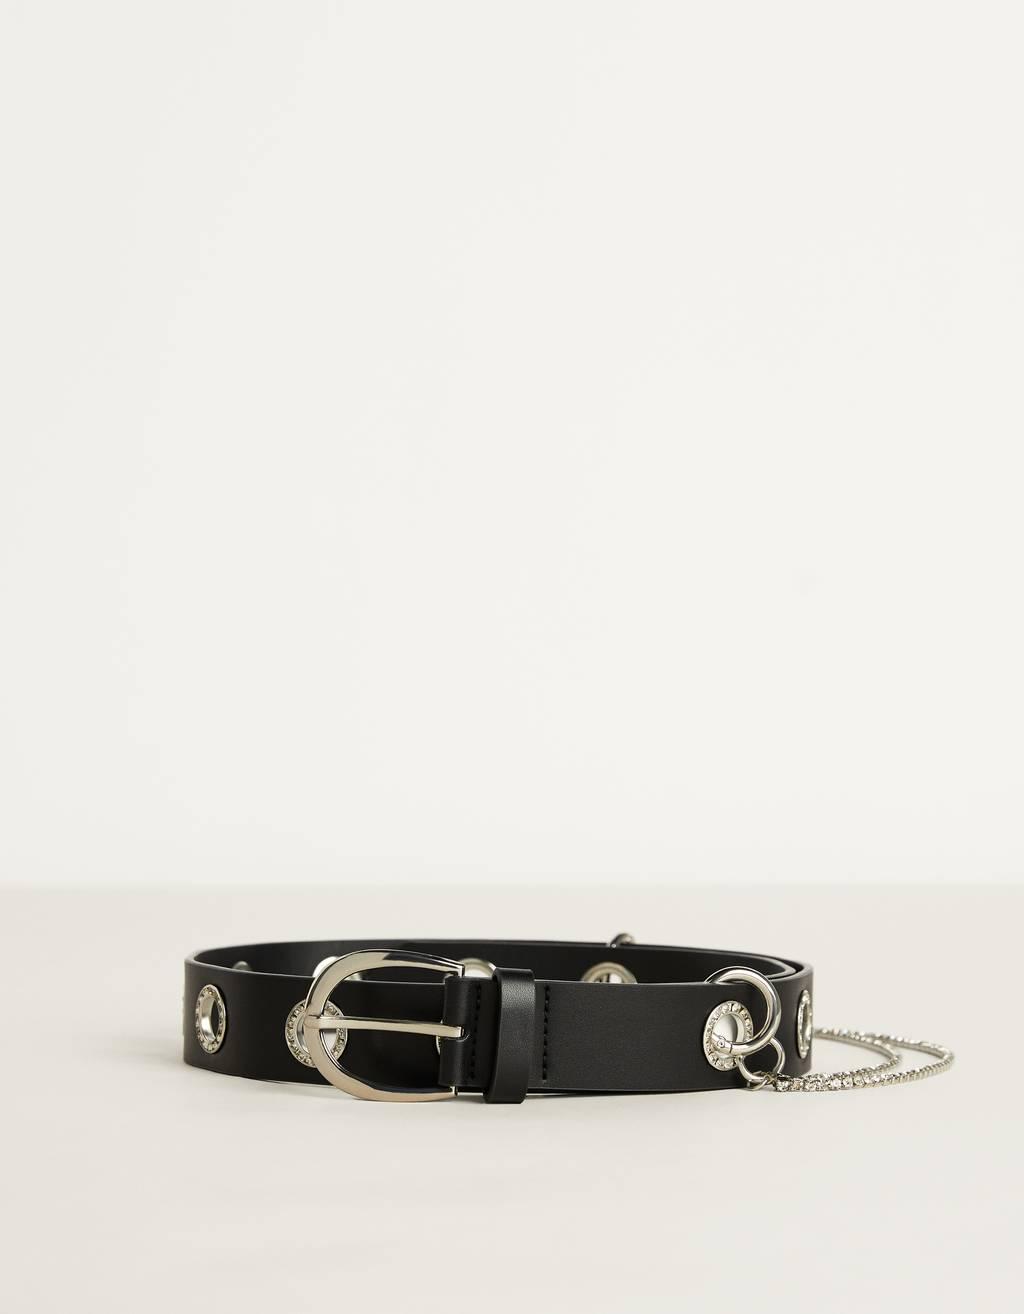 Cinturón con eyelets y cadena brillante